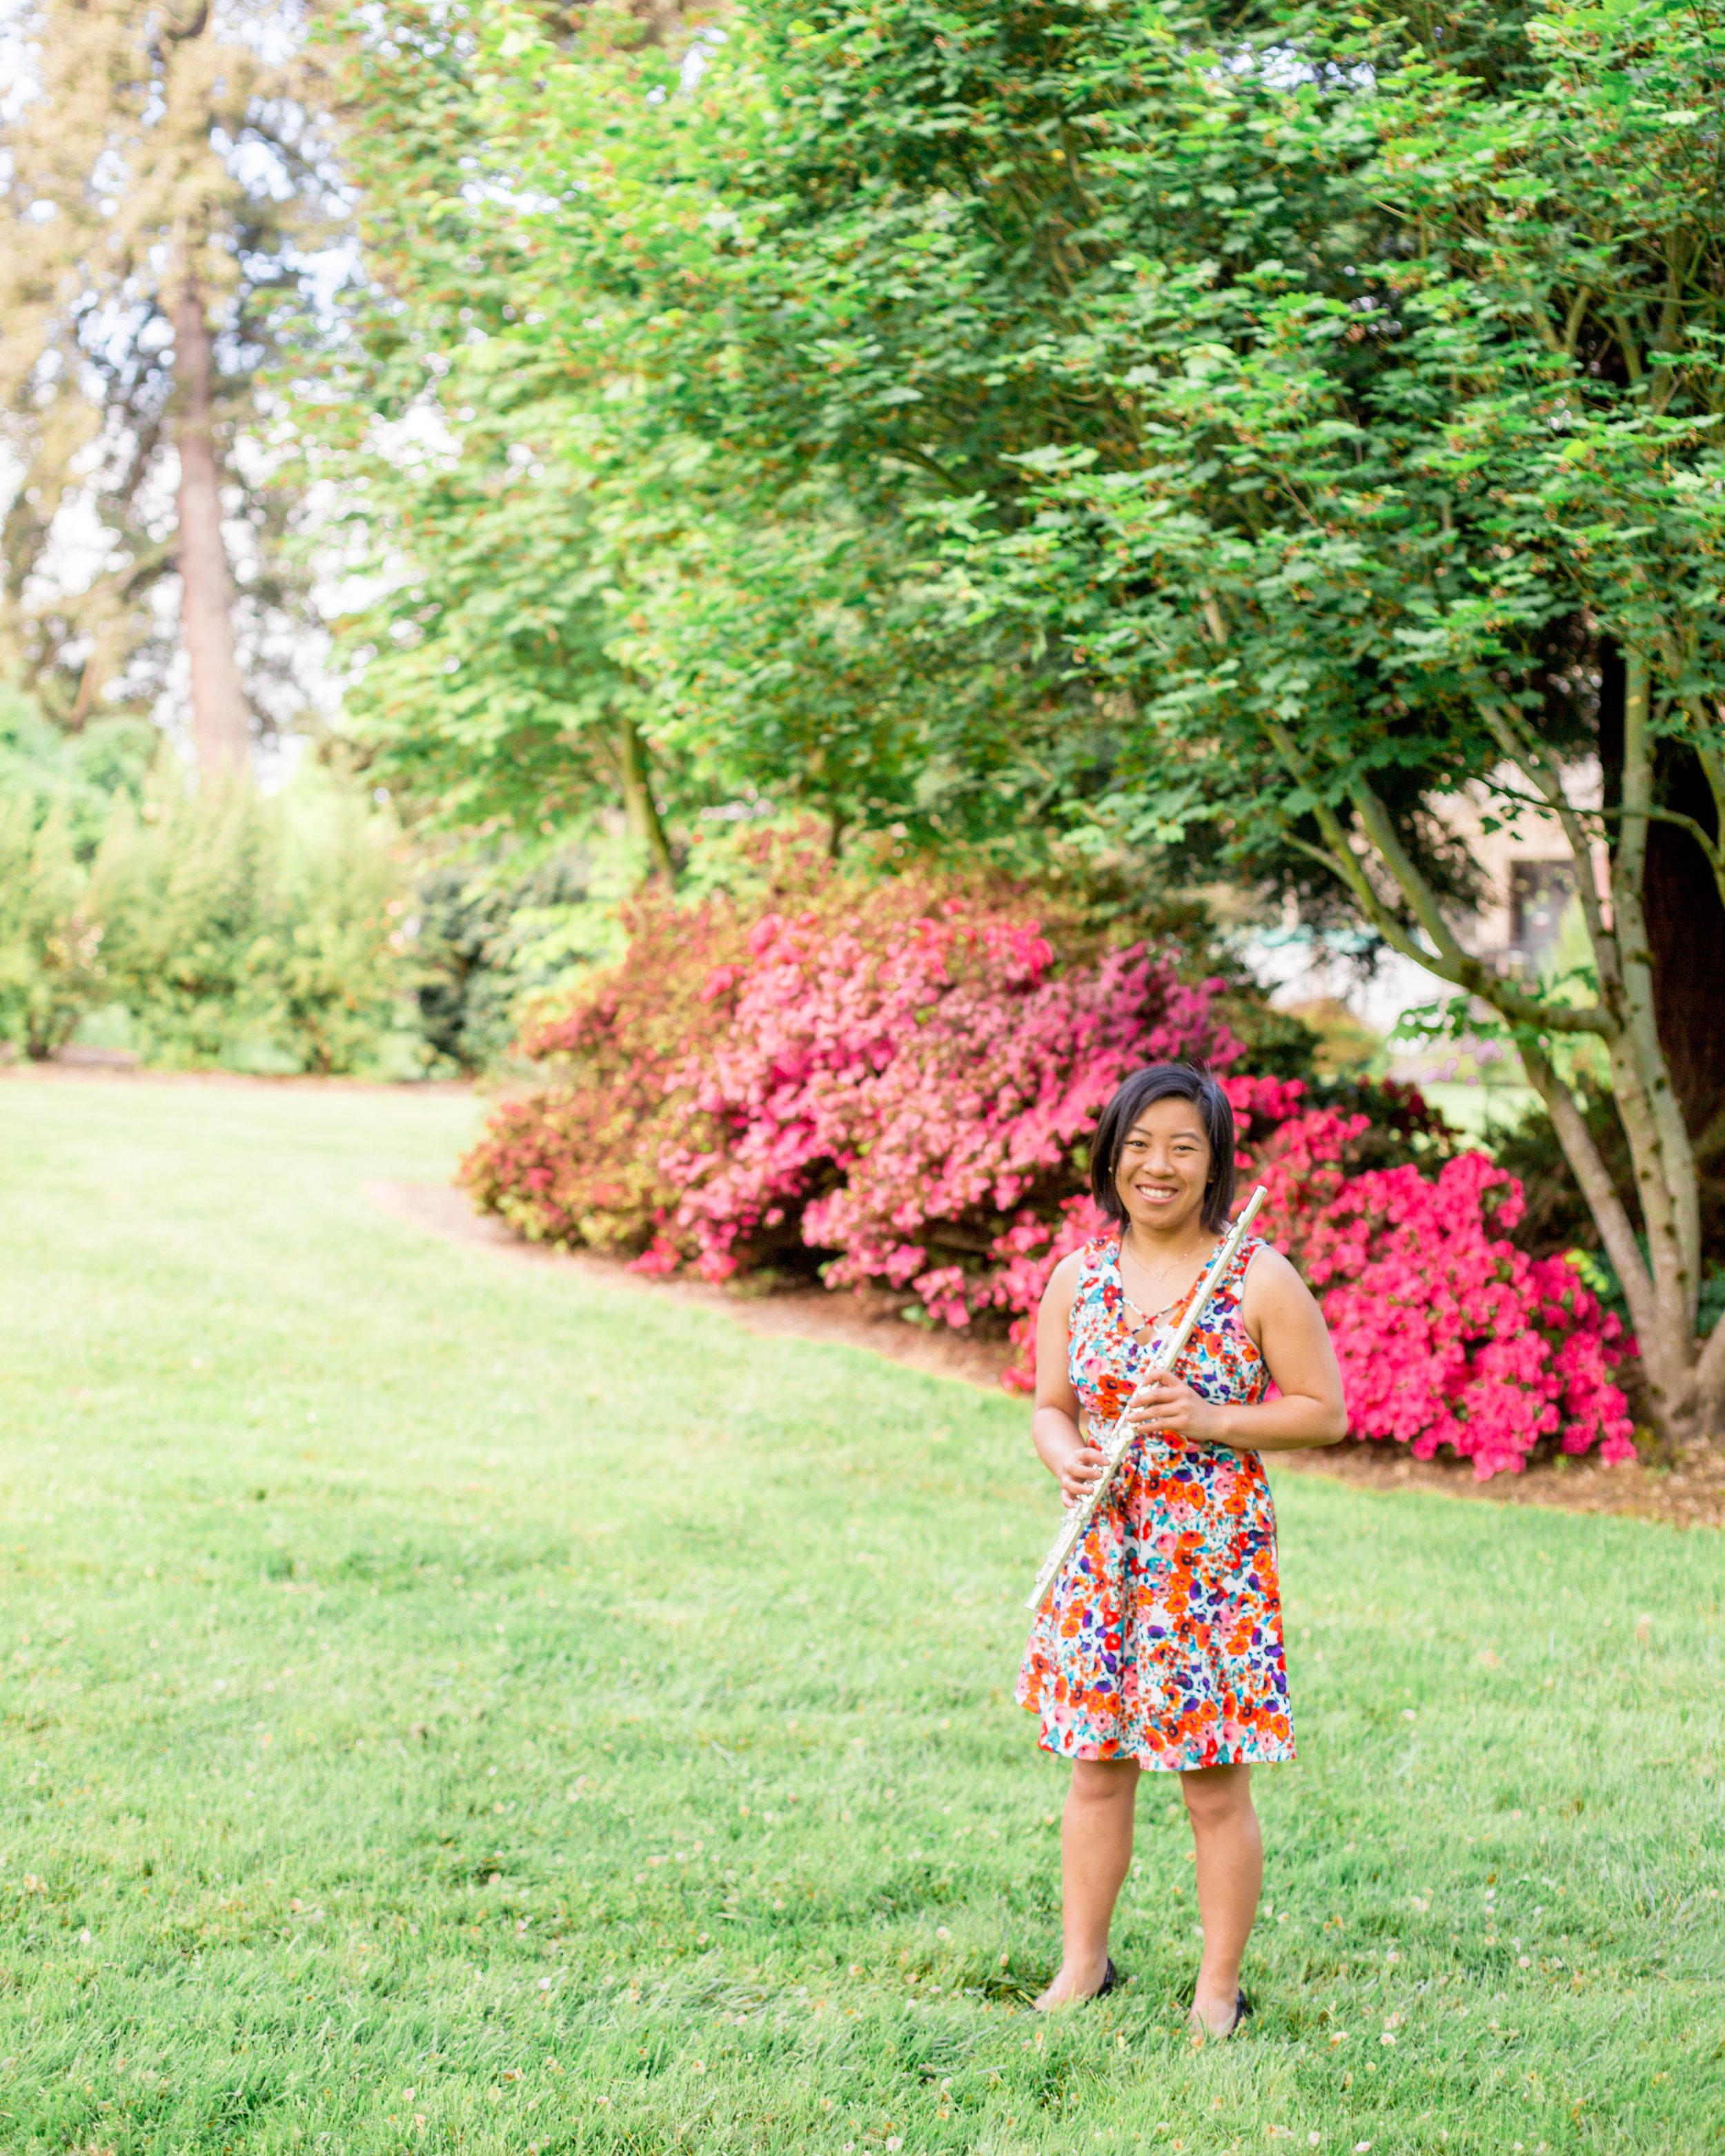 SeniorPhotos-Rachel-30.jpg